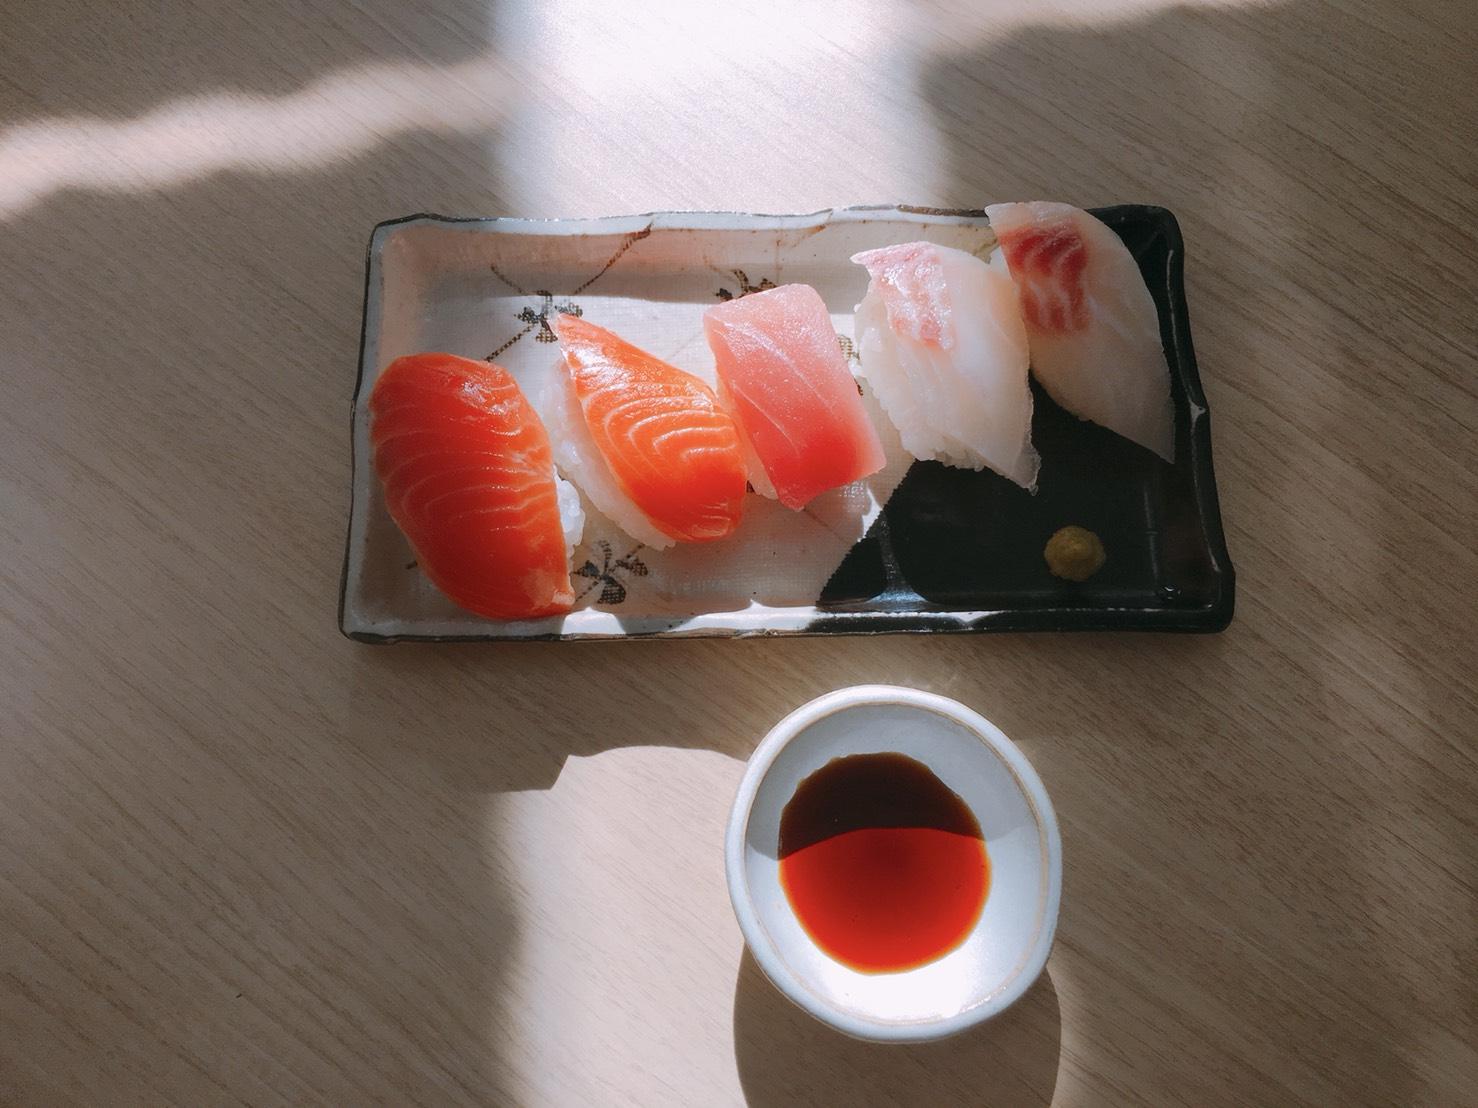 中山が作ったのは寿司